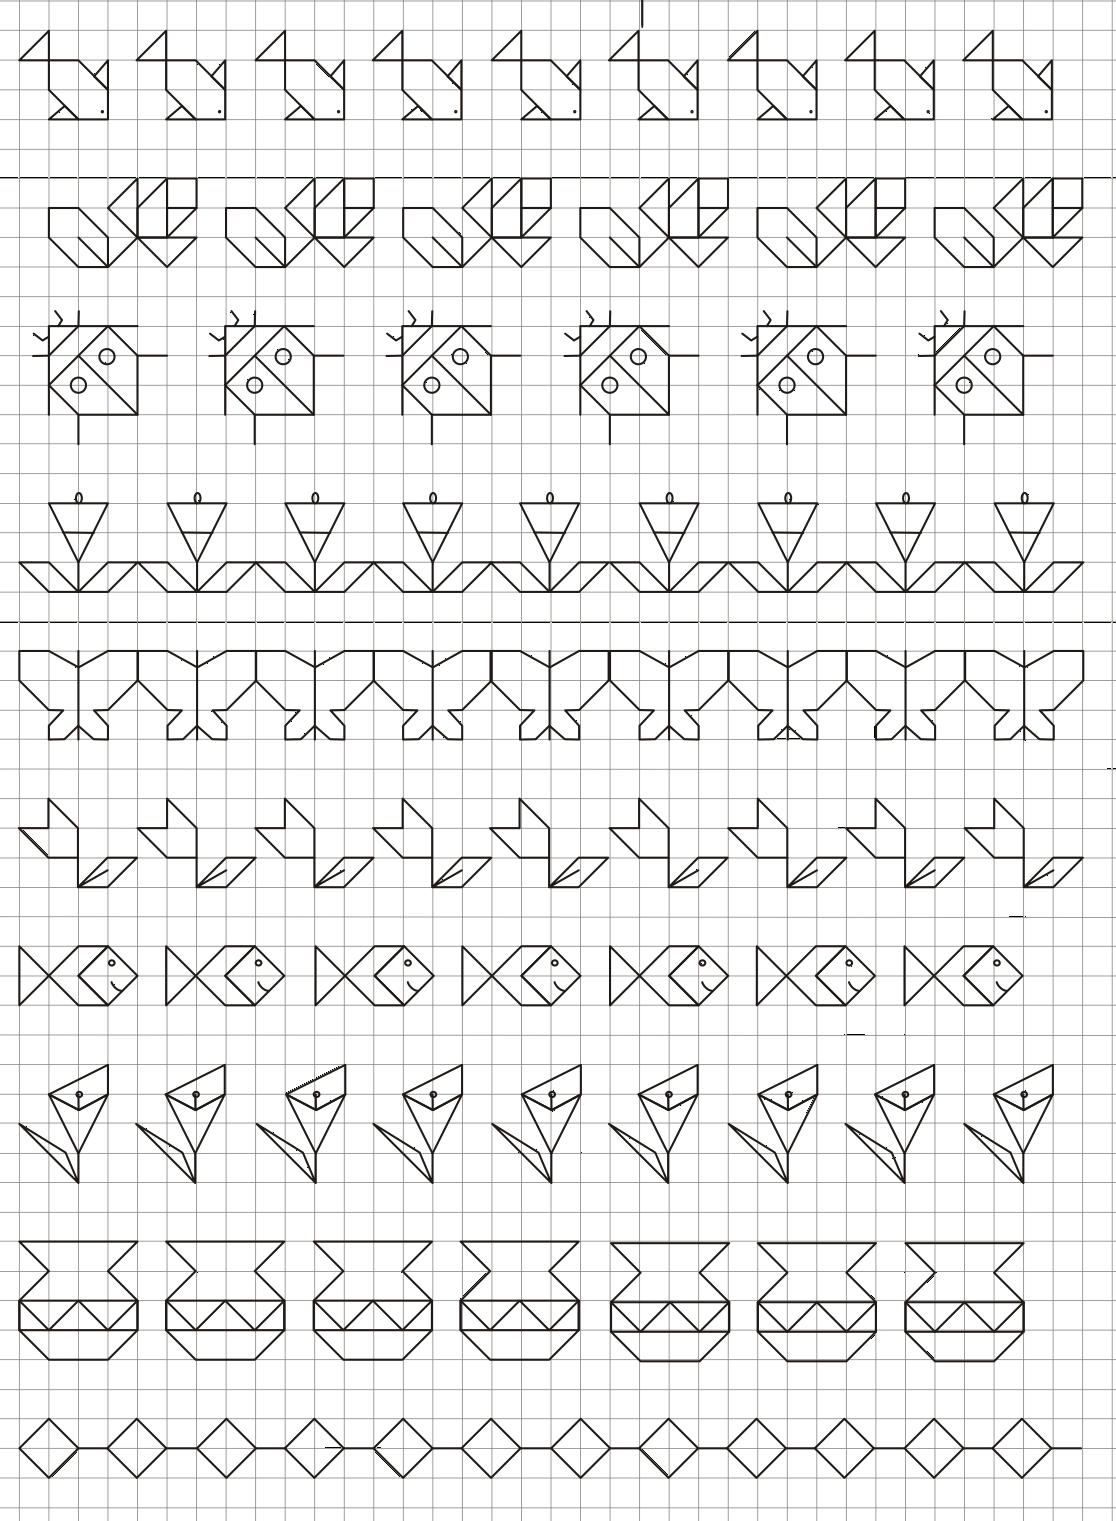 Reproduction Sur Quadrillage 5   Géométriquement tout Reproduction Sur Quadrillage Ce1